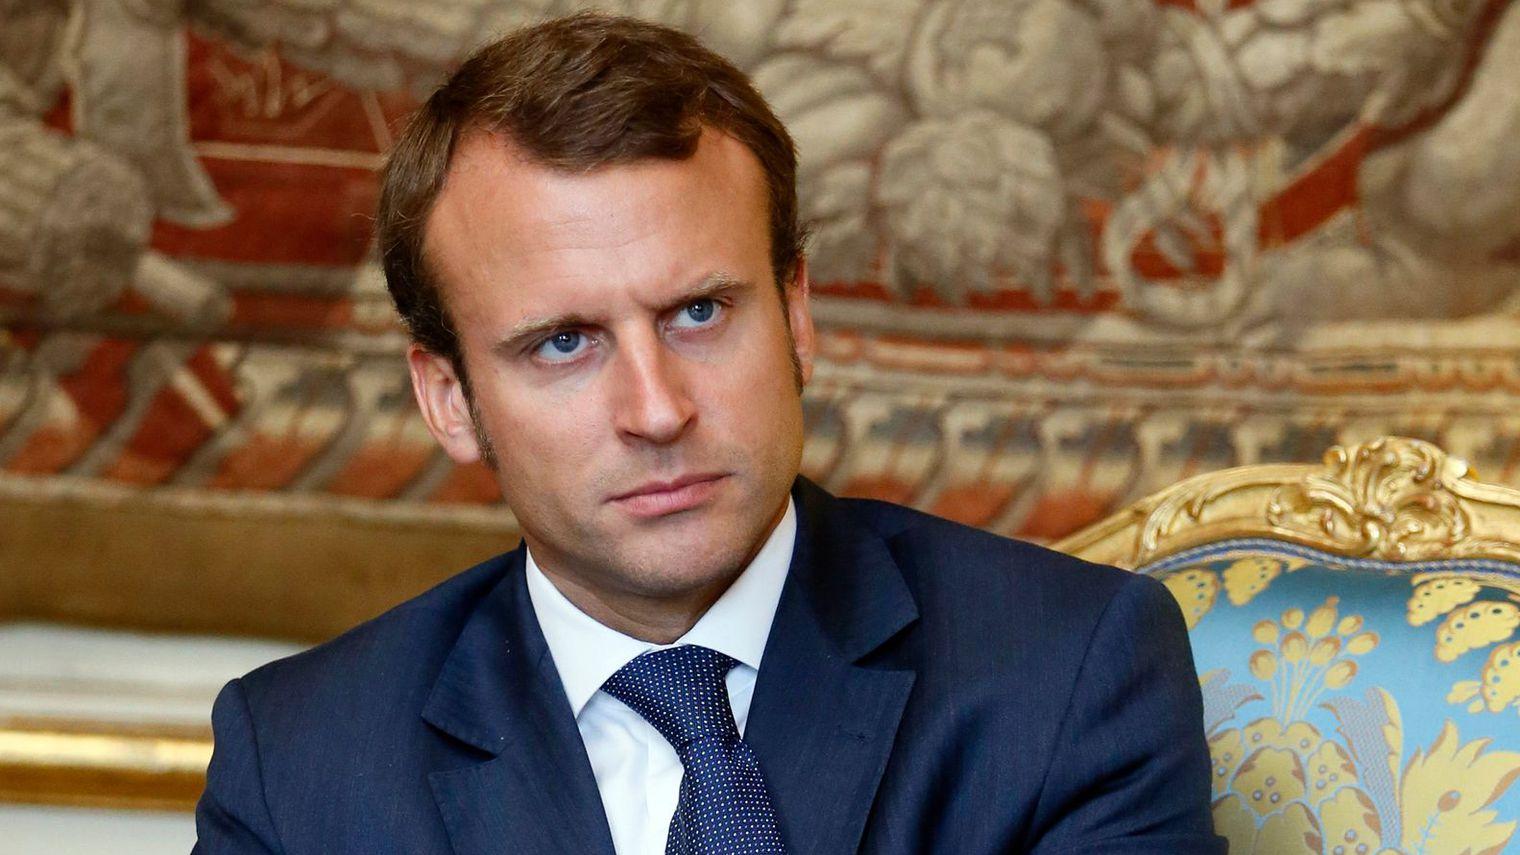 Incendie à la cathédrale Notre Dame de Paris: Emmanuel Macron reporte son allocution